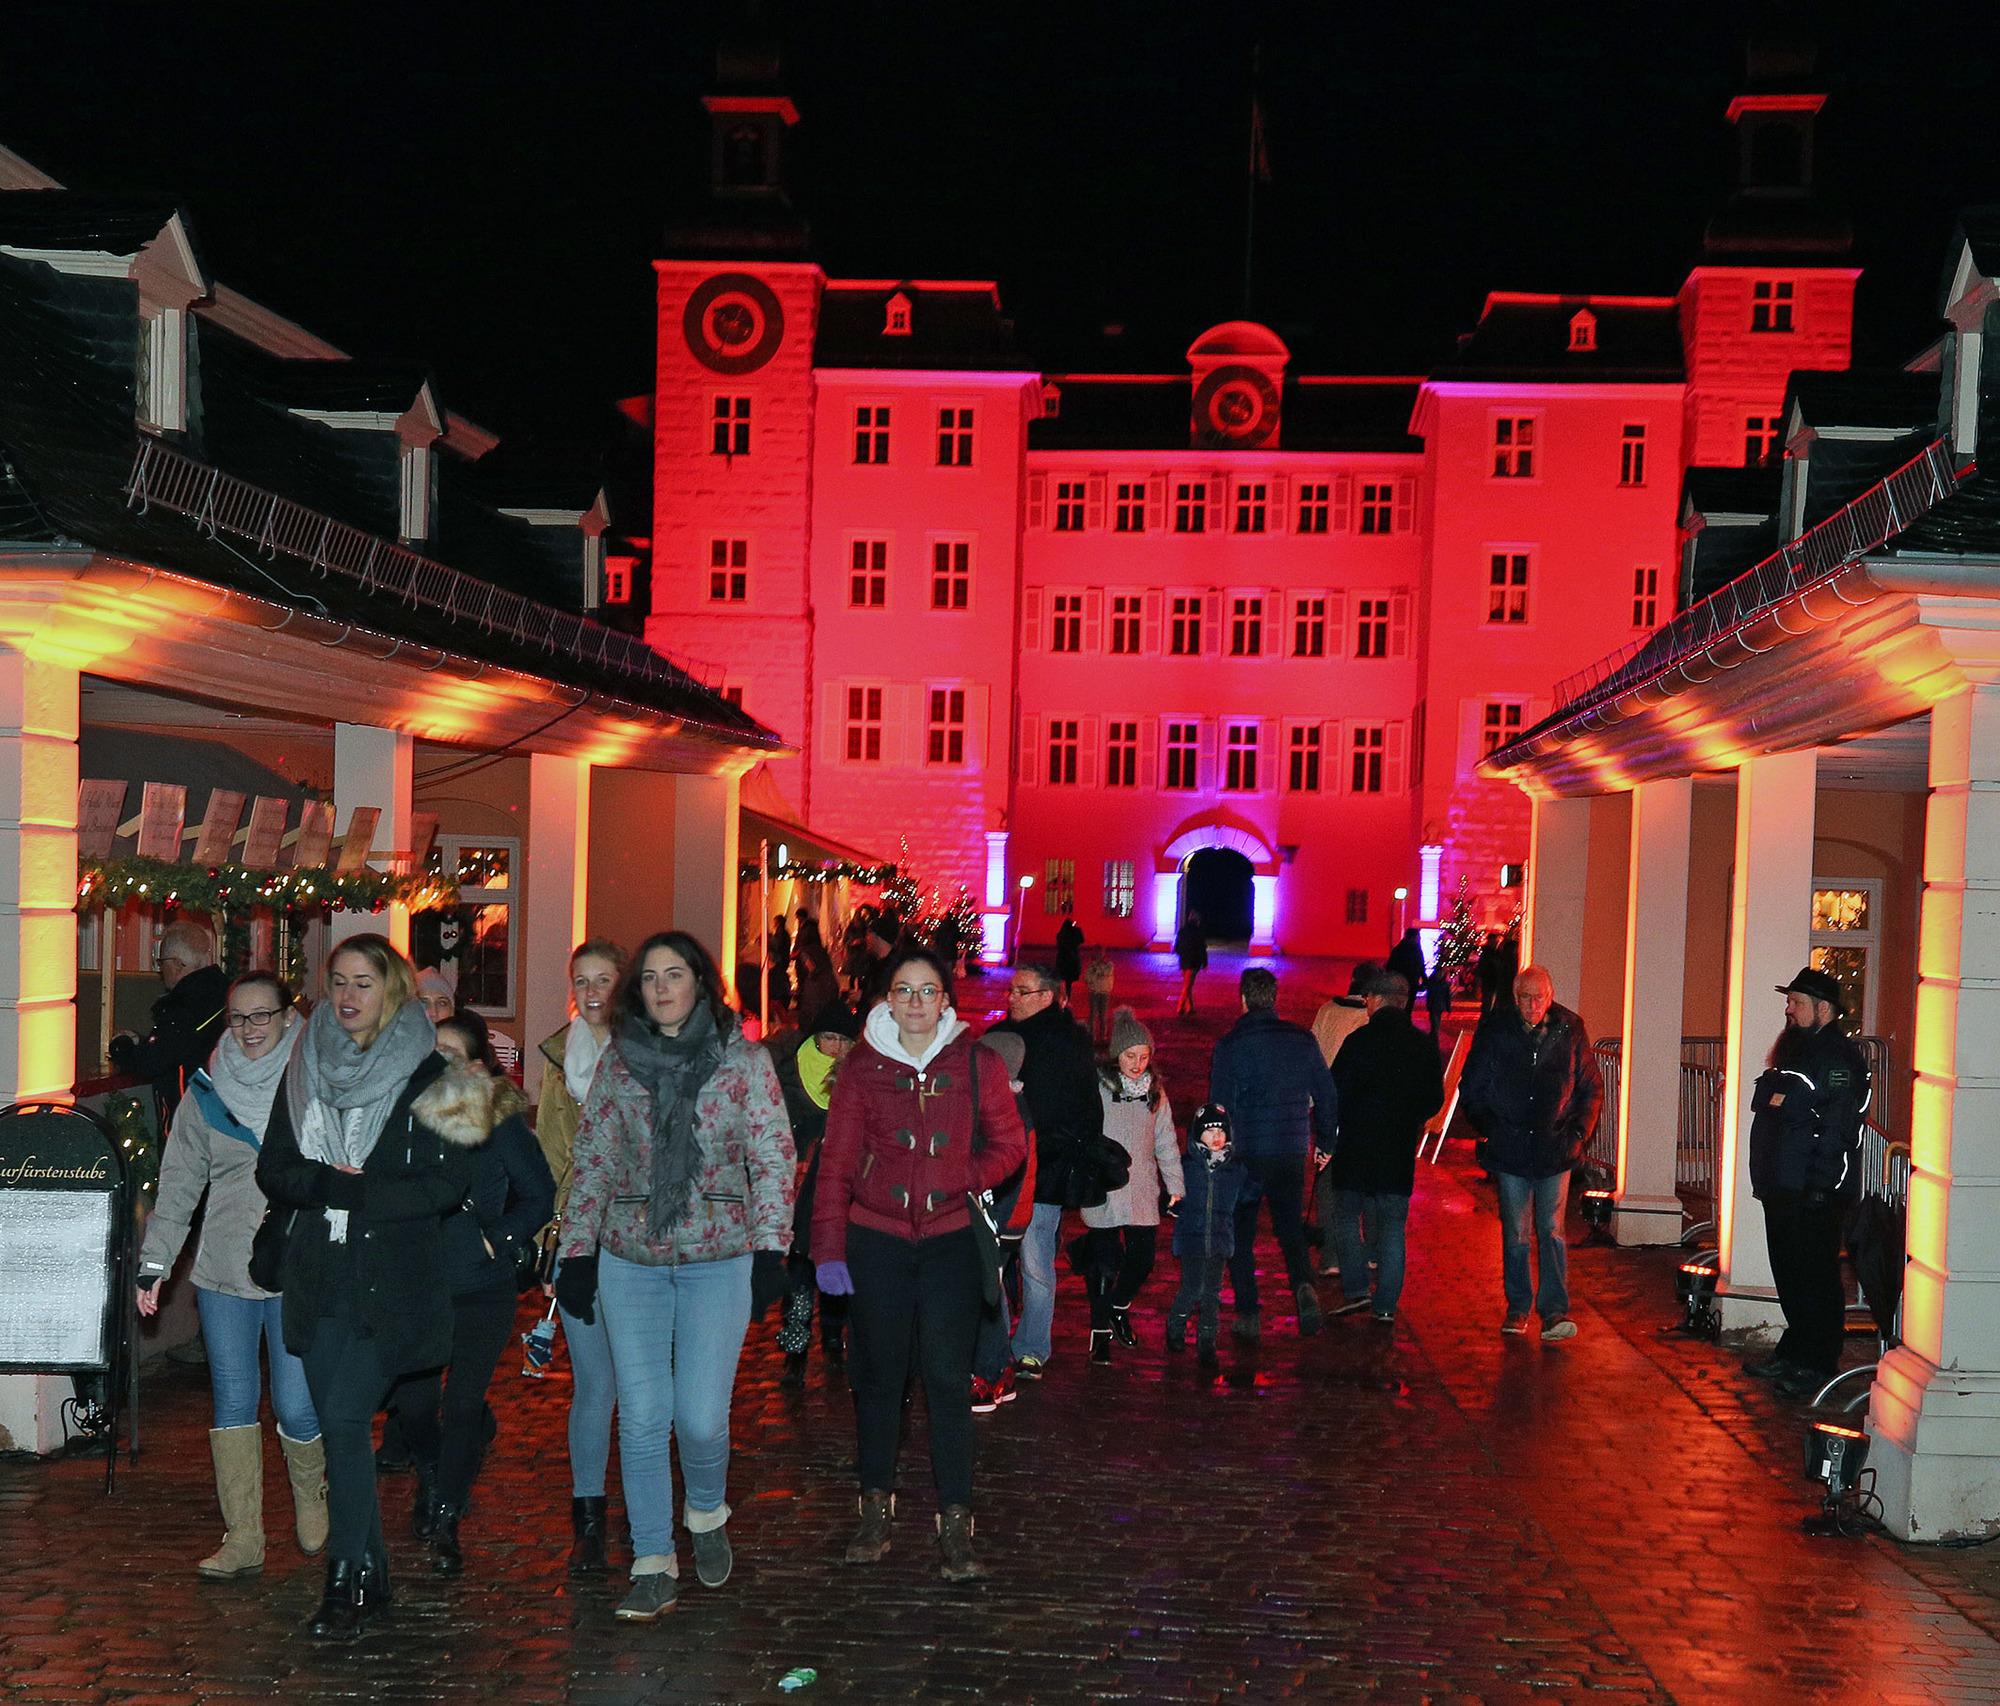 Weihnachtsmarkt Schwetzingen.Schwetzingen Lichterpfad Zieht Sich Durch Die Innenstadt